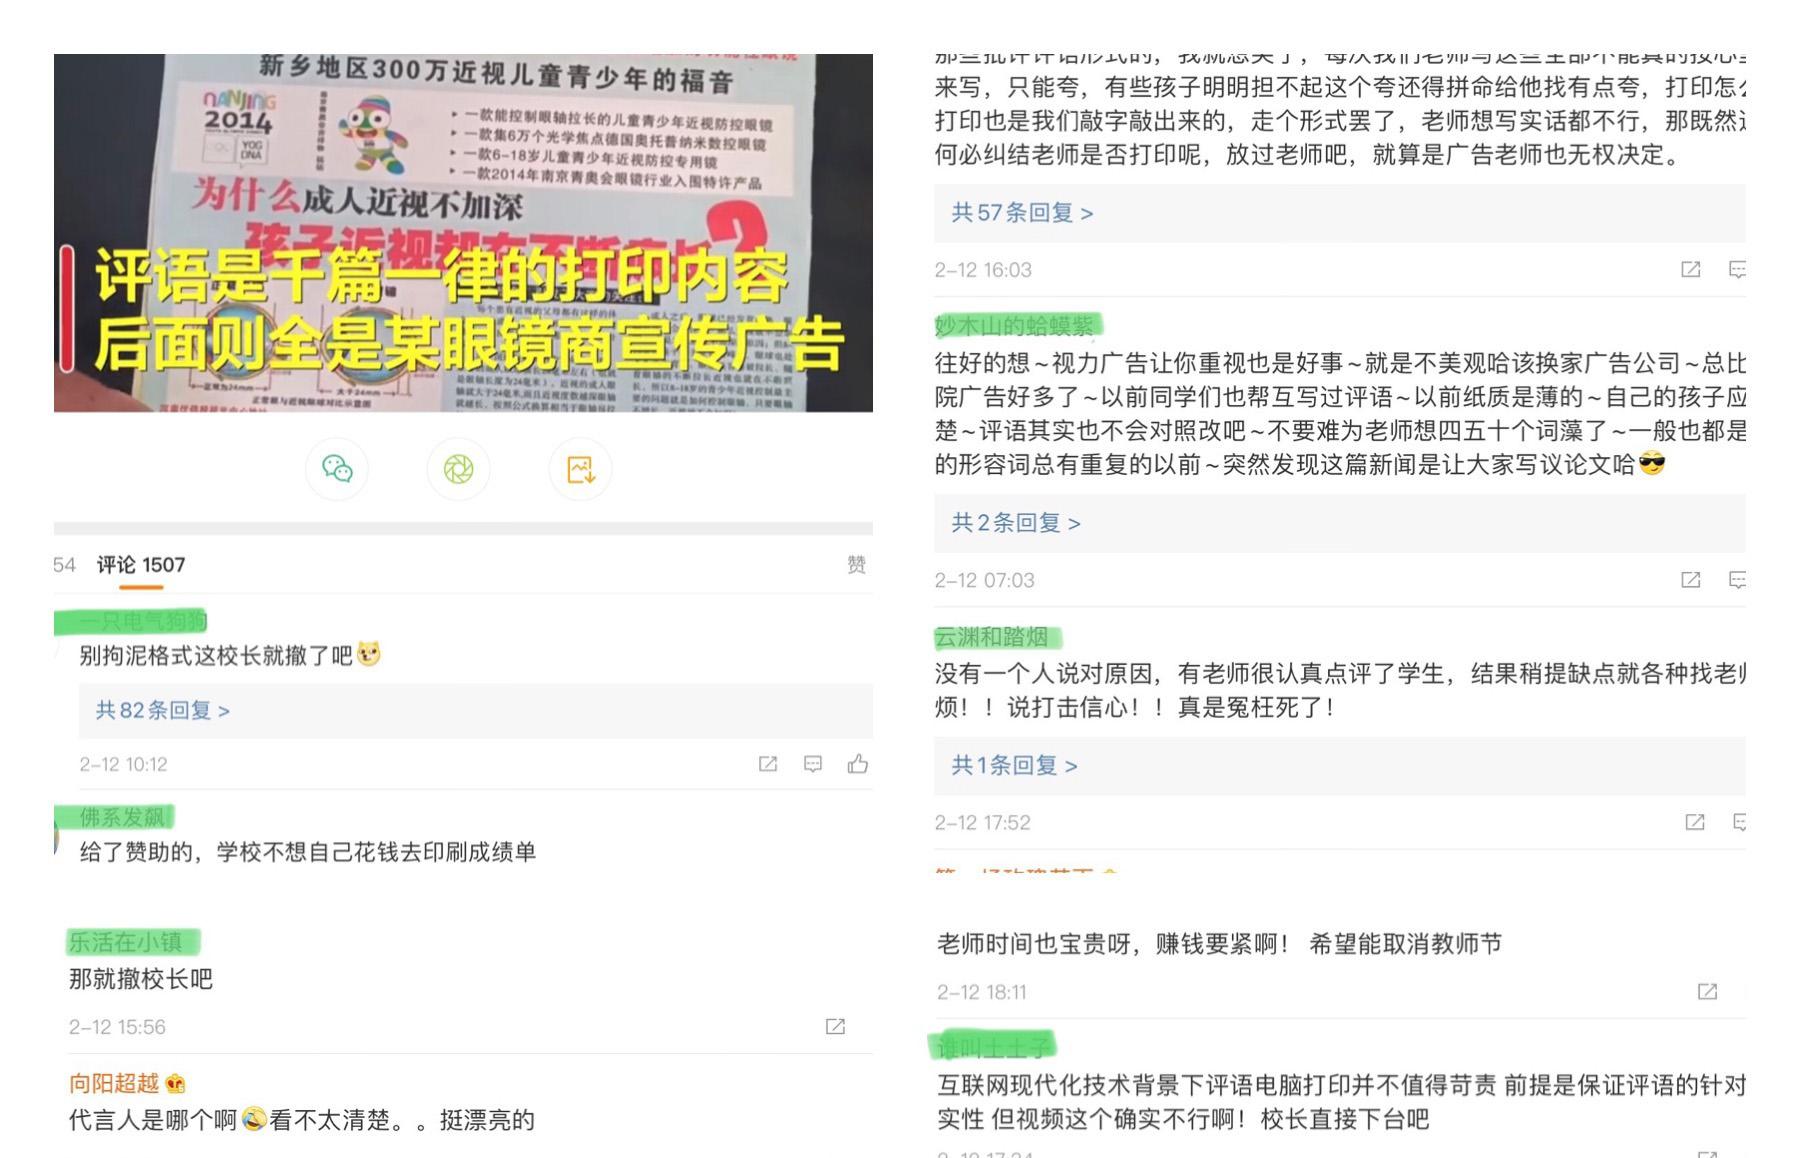 河南新鄉某小學校學生成績單添廣告,疑商業掛鉤惹家長批評。(網絡截圖)